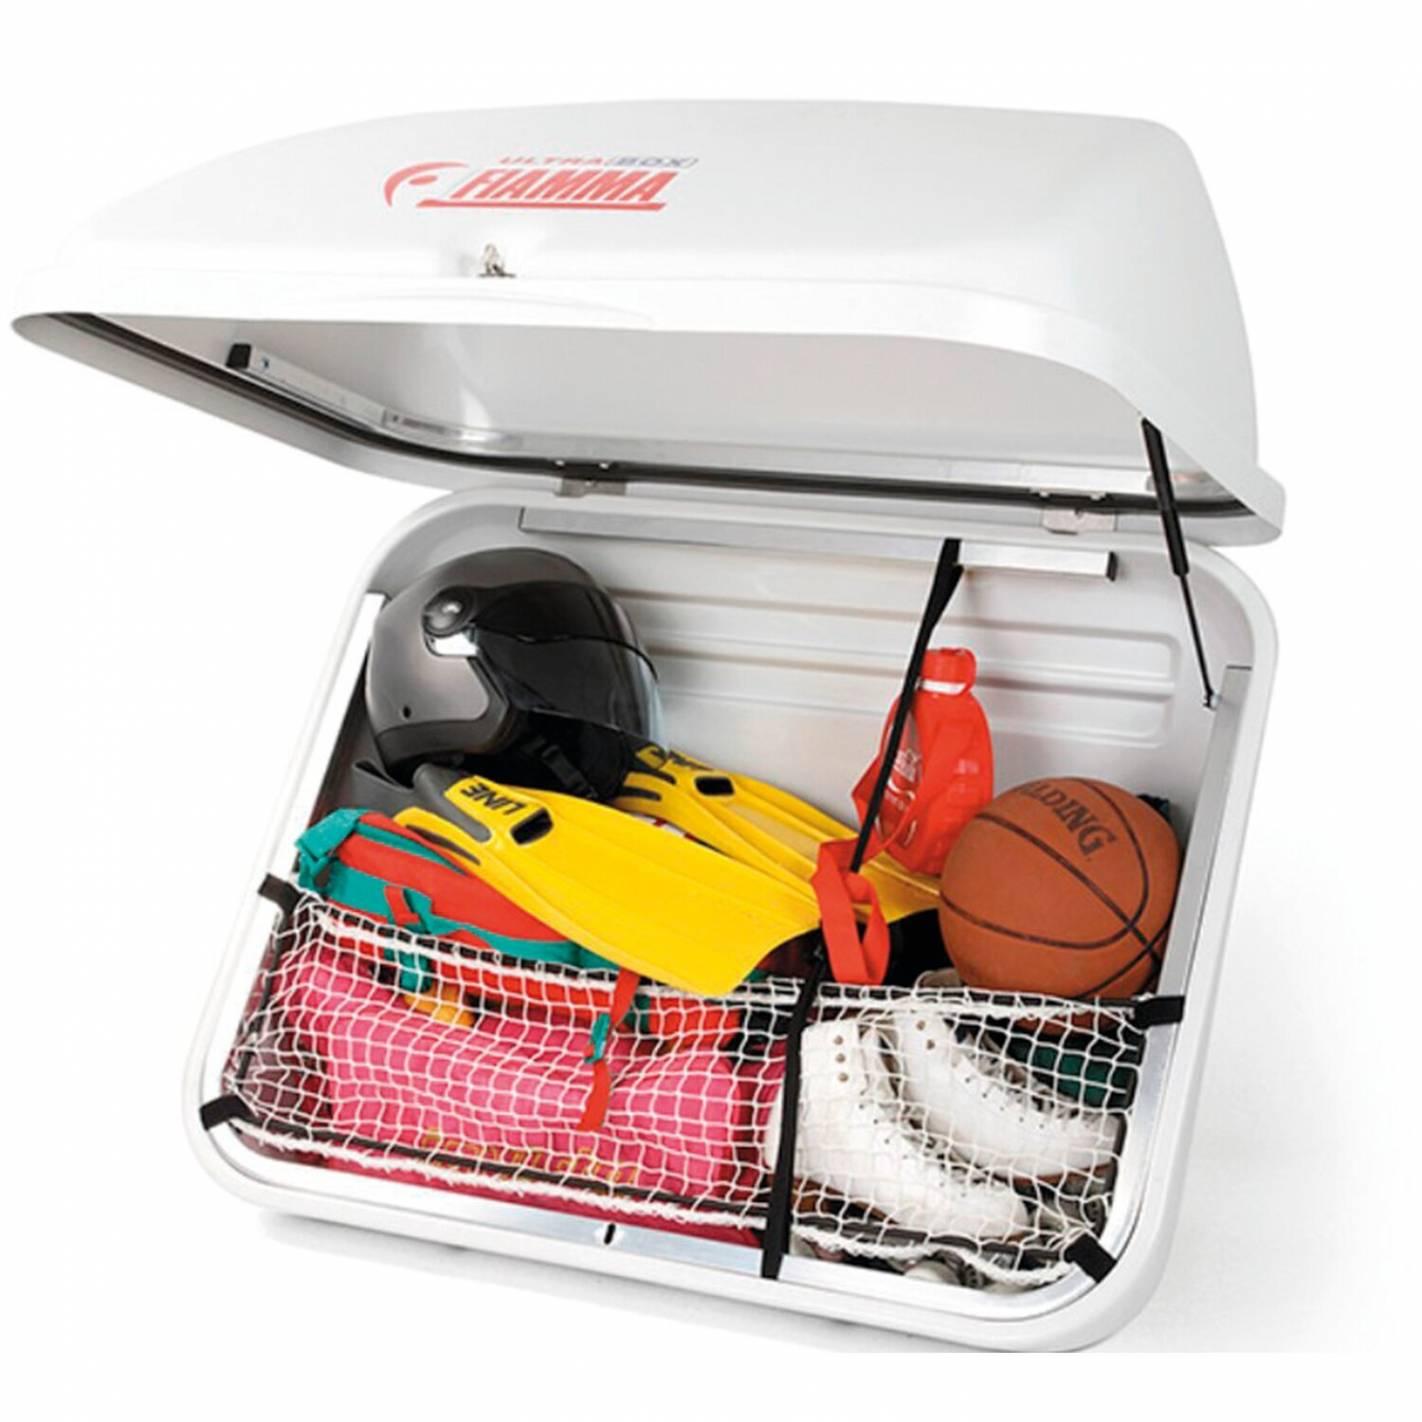 coffre pour porte velo ultra box 500 litres 147 x 70 x 53 cm. Black Bedroom Furniture Sets. Home Design Ideas